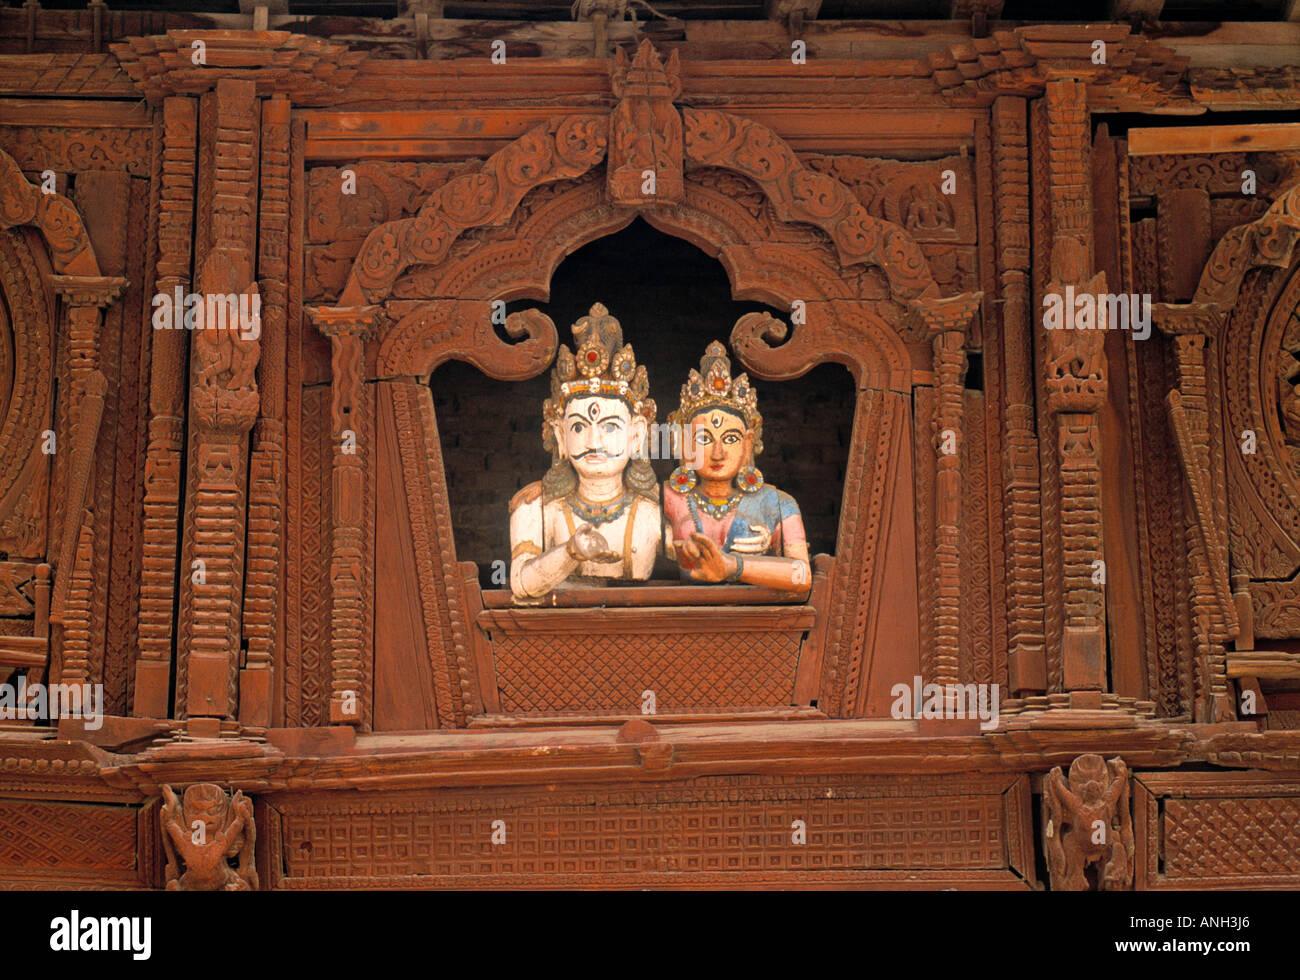 Temple, Katmandu, Nepal - Stock Image